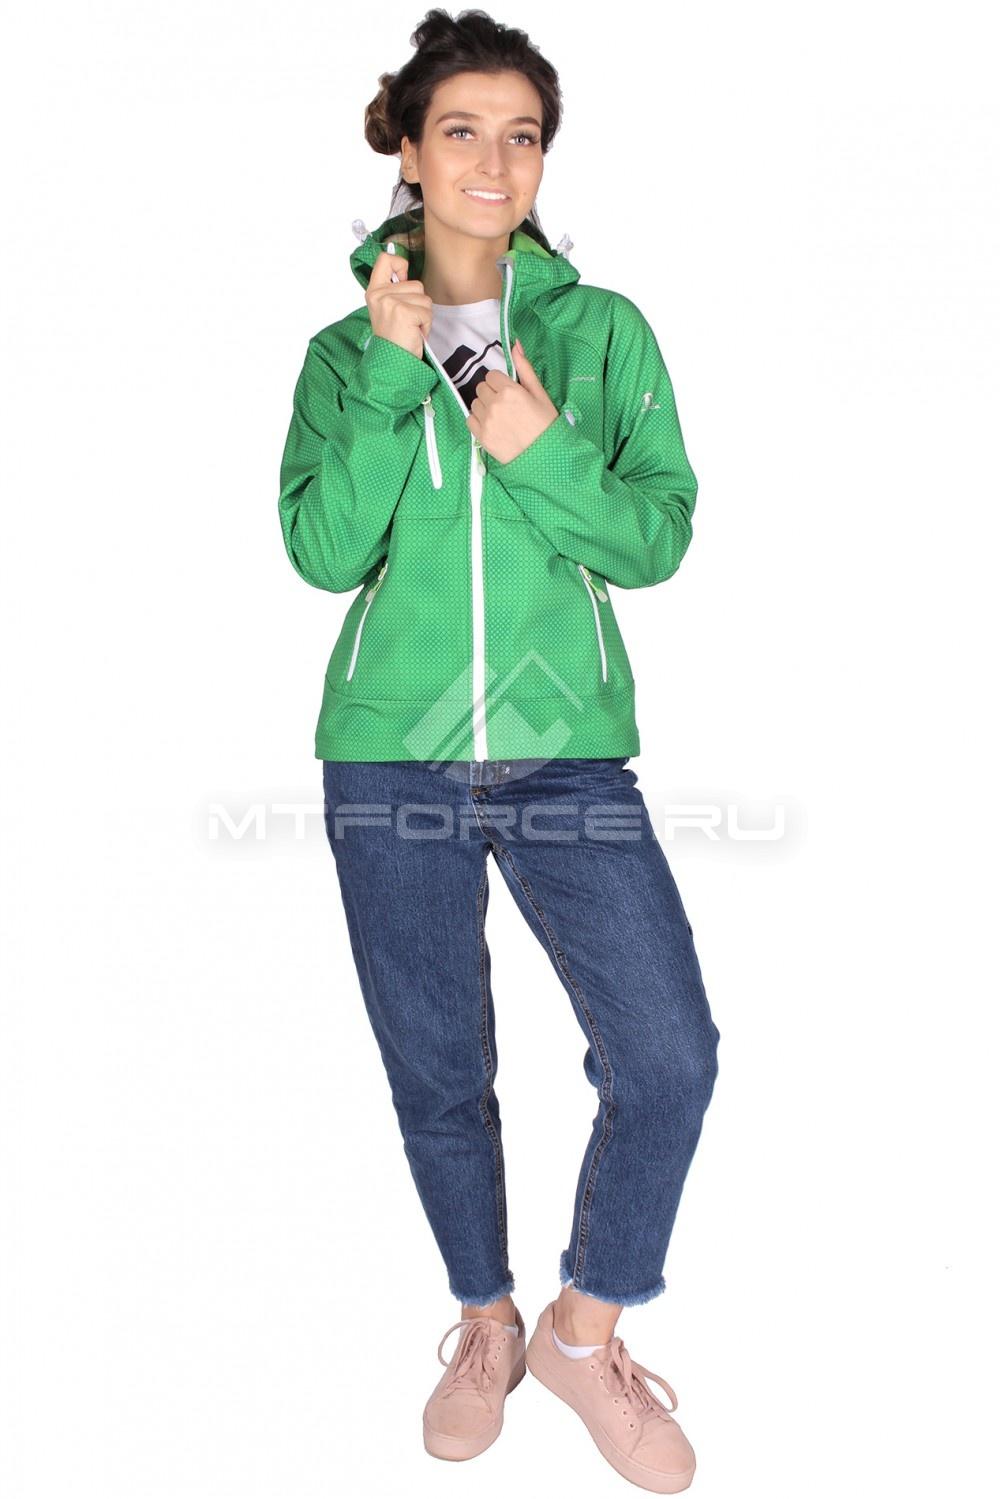 Купить                                  оптом Ветровка - виндстоппер женская зеленого цвета 1736Z в Новосибирске